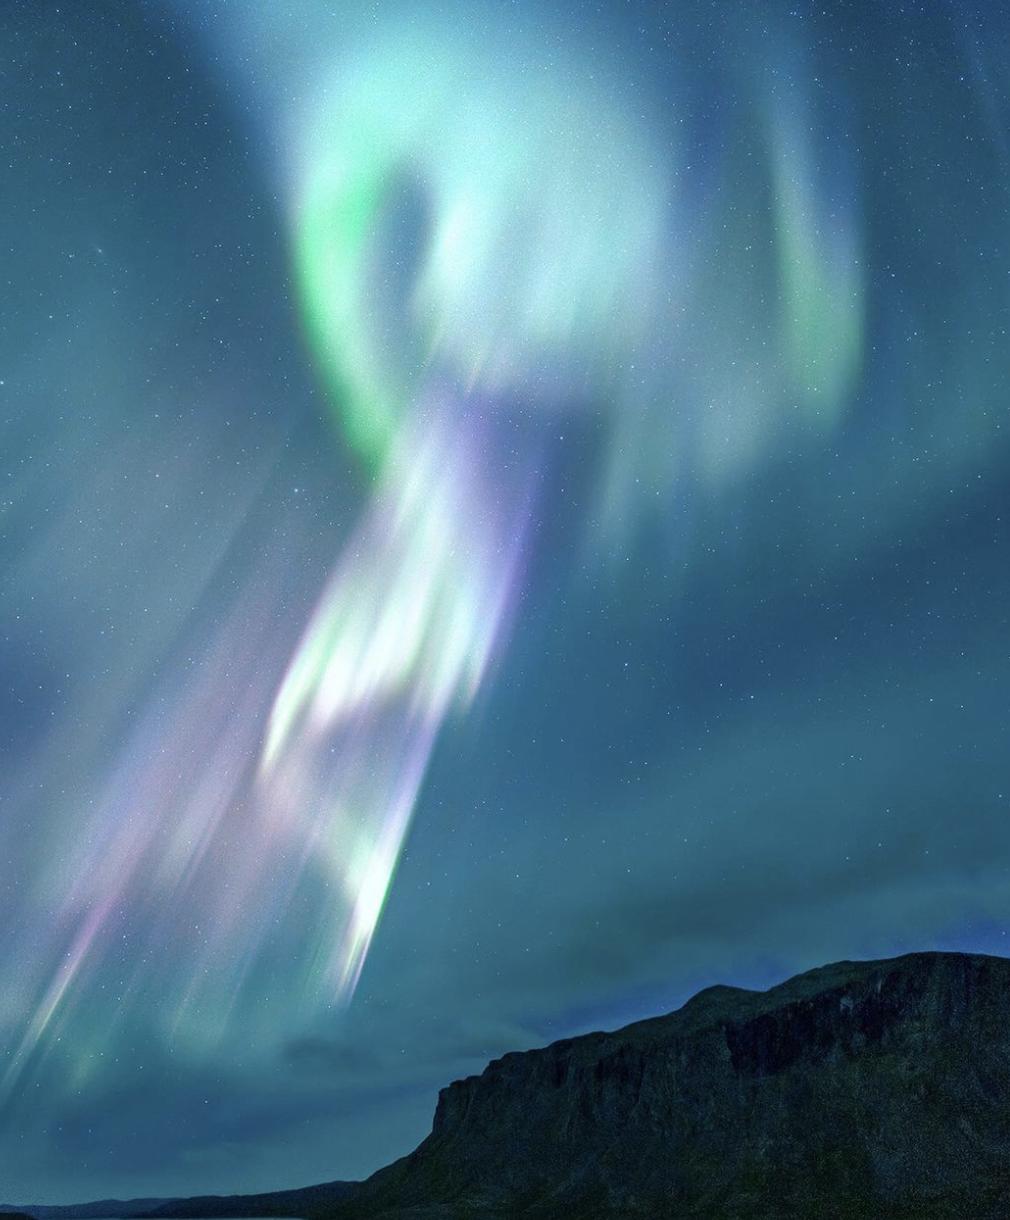 极光没有固定的型态、以绿、白、黄、蓝居多,偶尔也会呈现艳丽的红紫色。   Visit Arctic Europe 官网 图